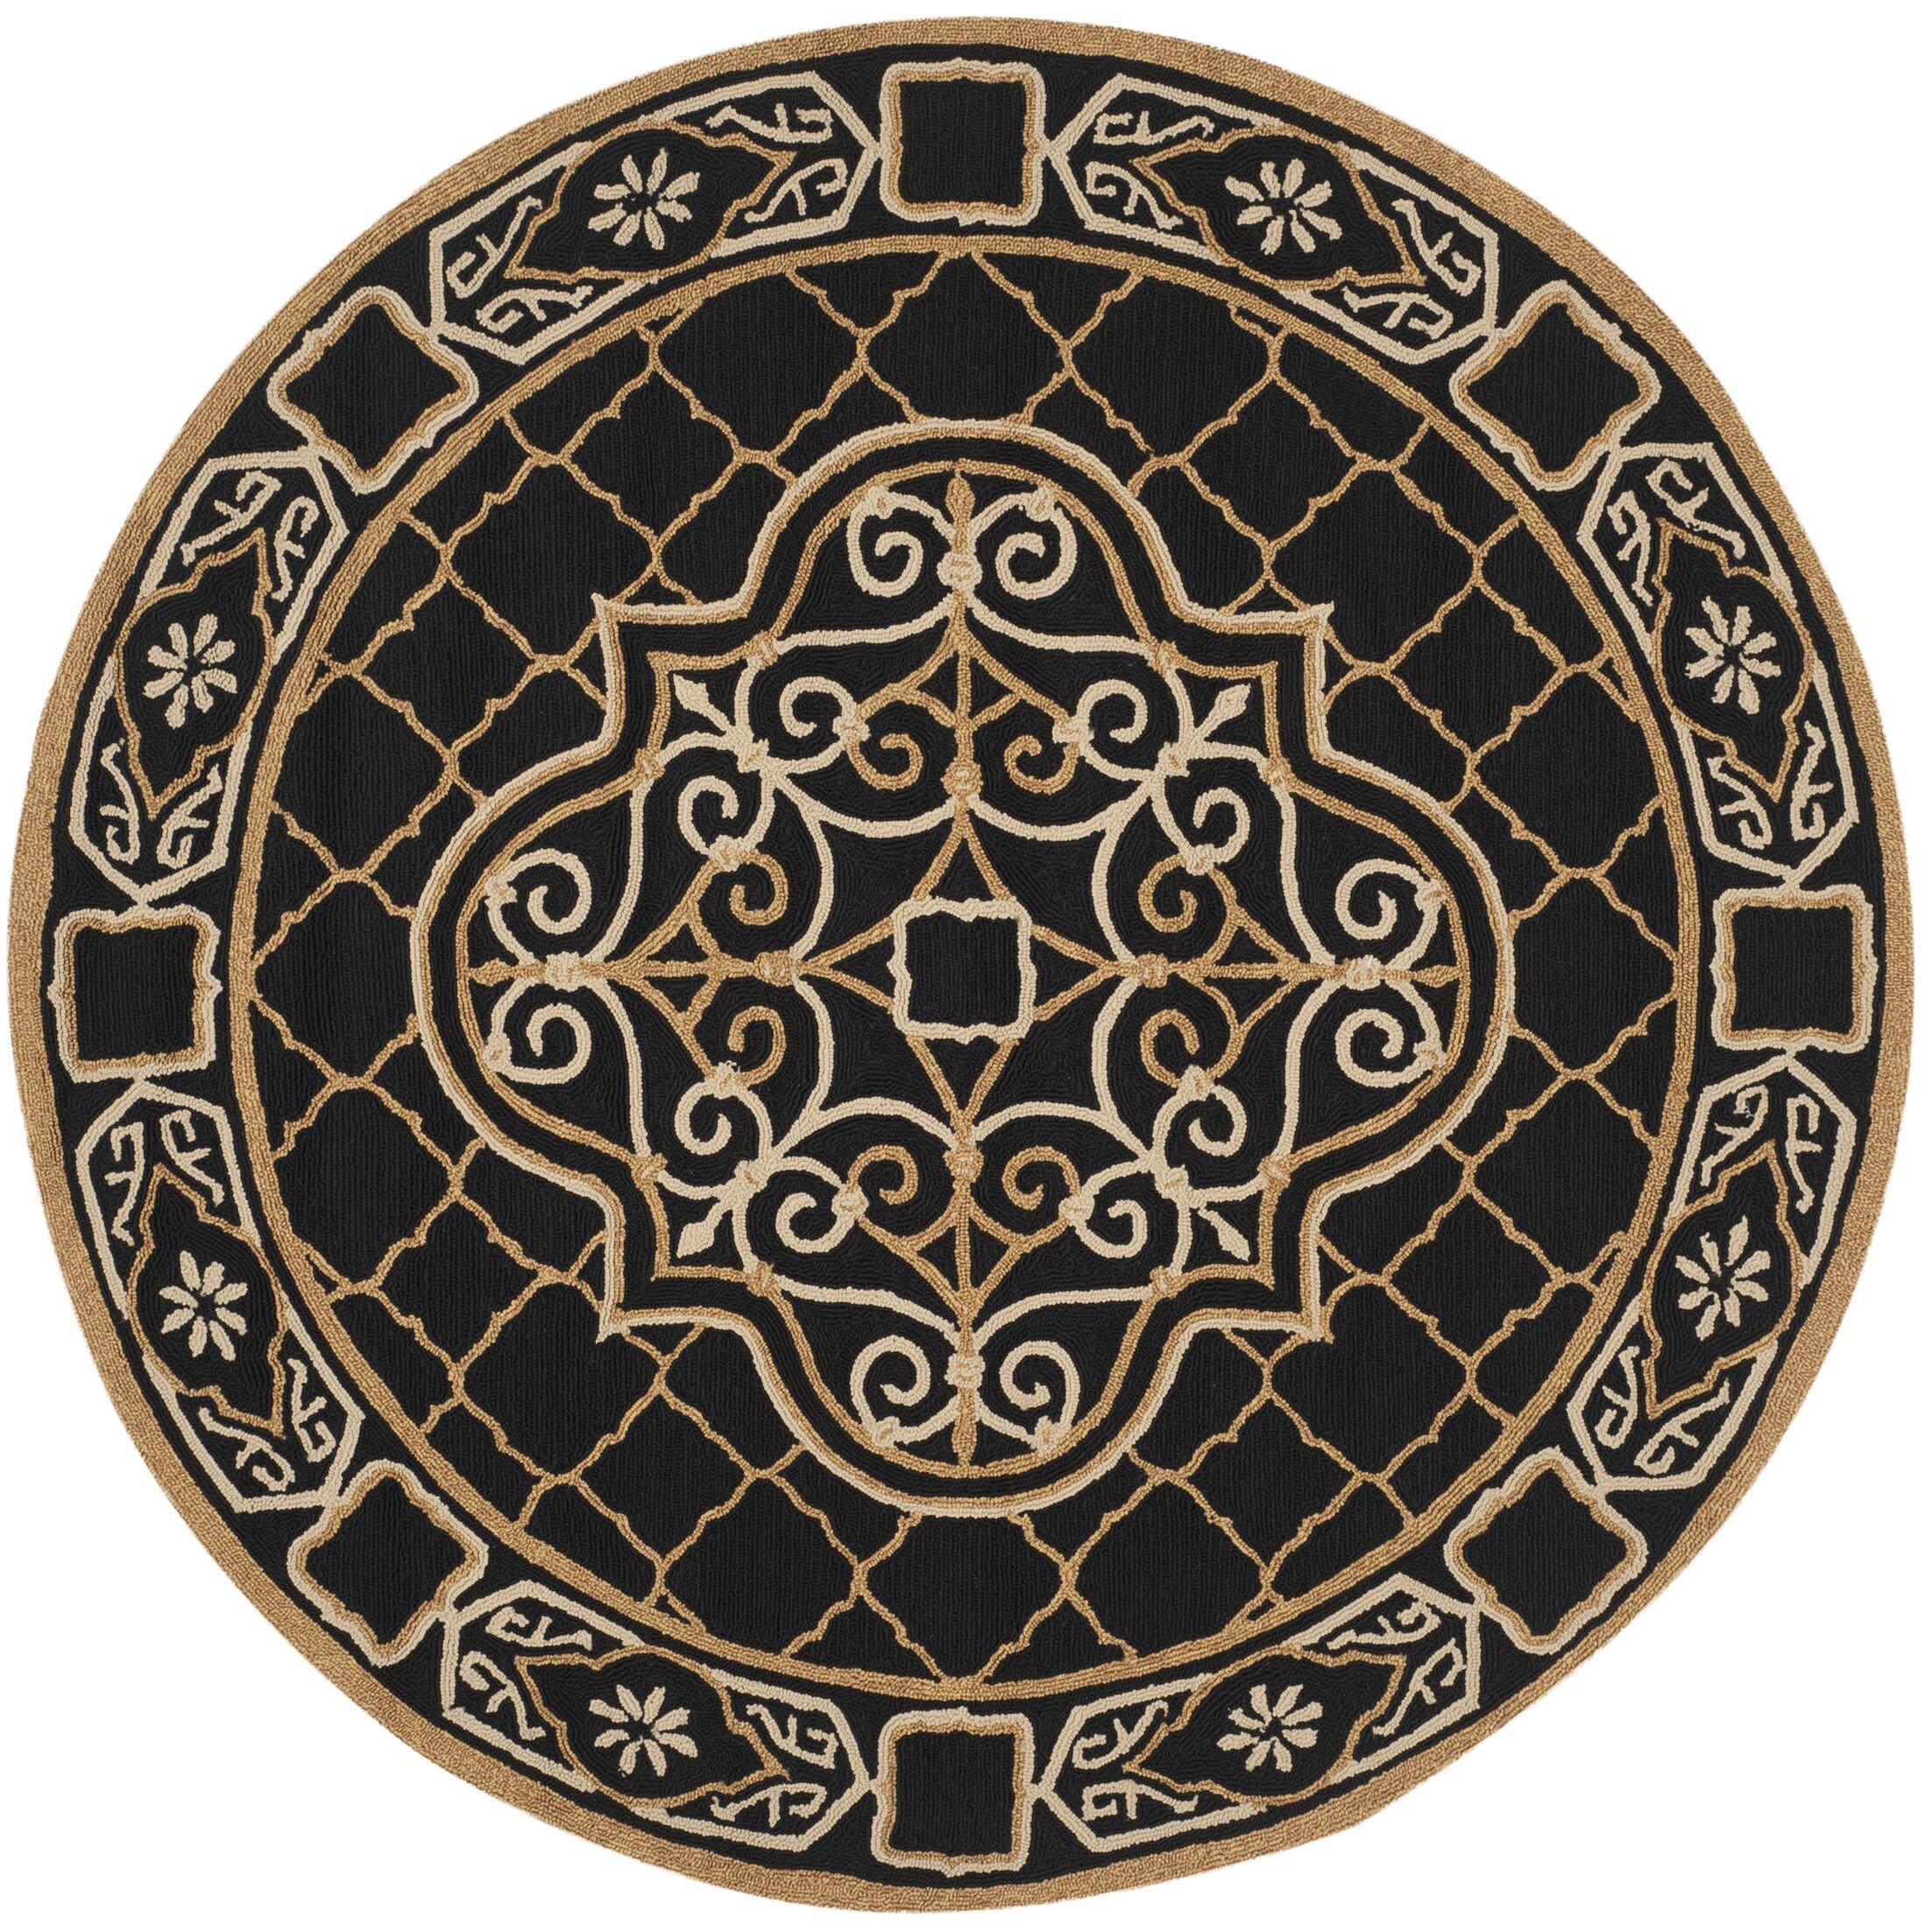 Gresham Palace Hand-Hooked Black/Gold Area Rug Rug Size: Round 8' x 8'